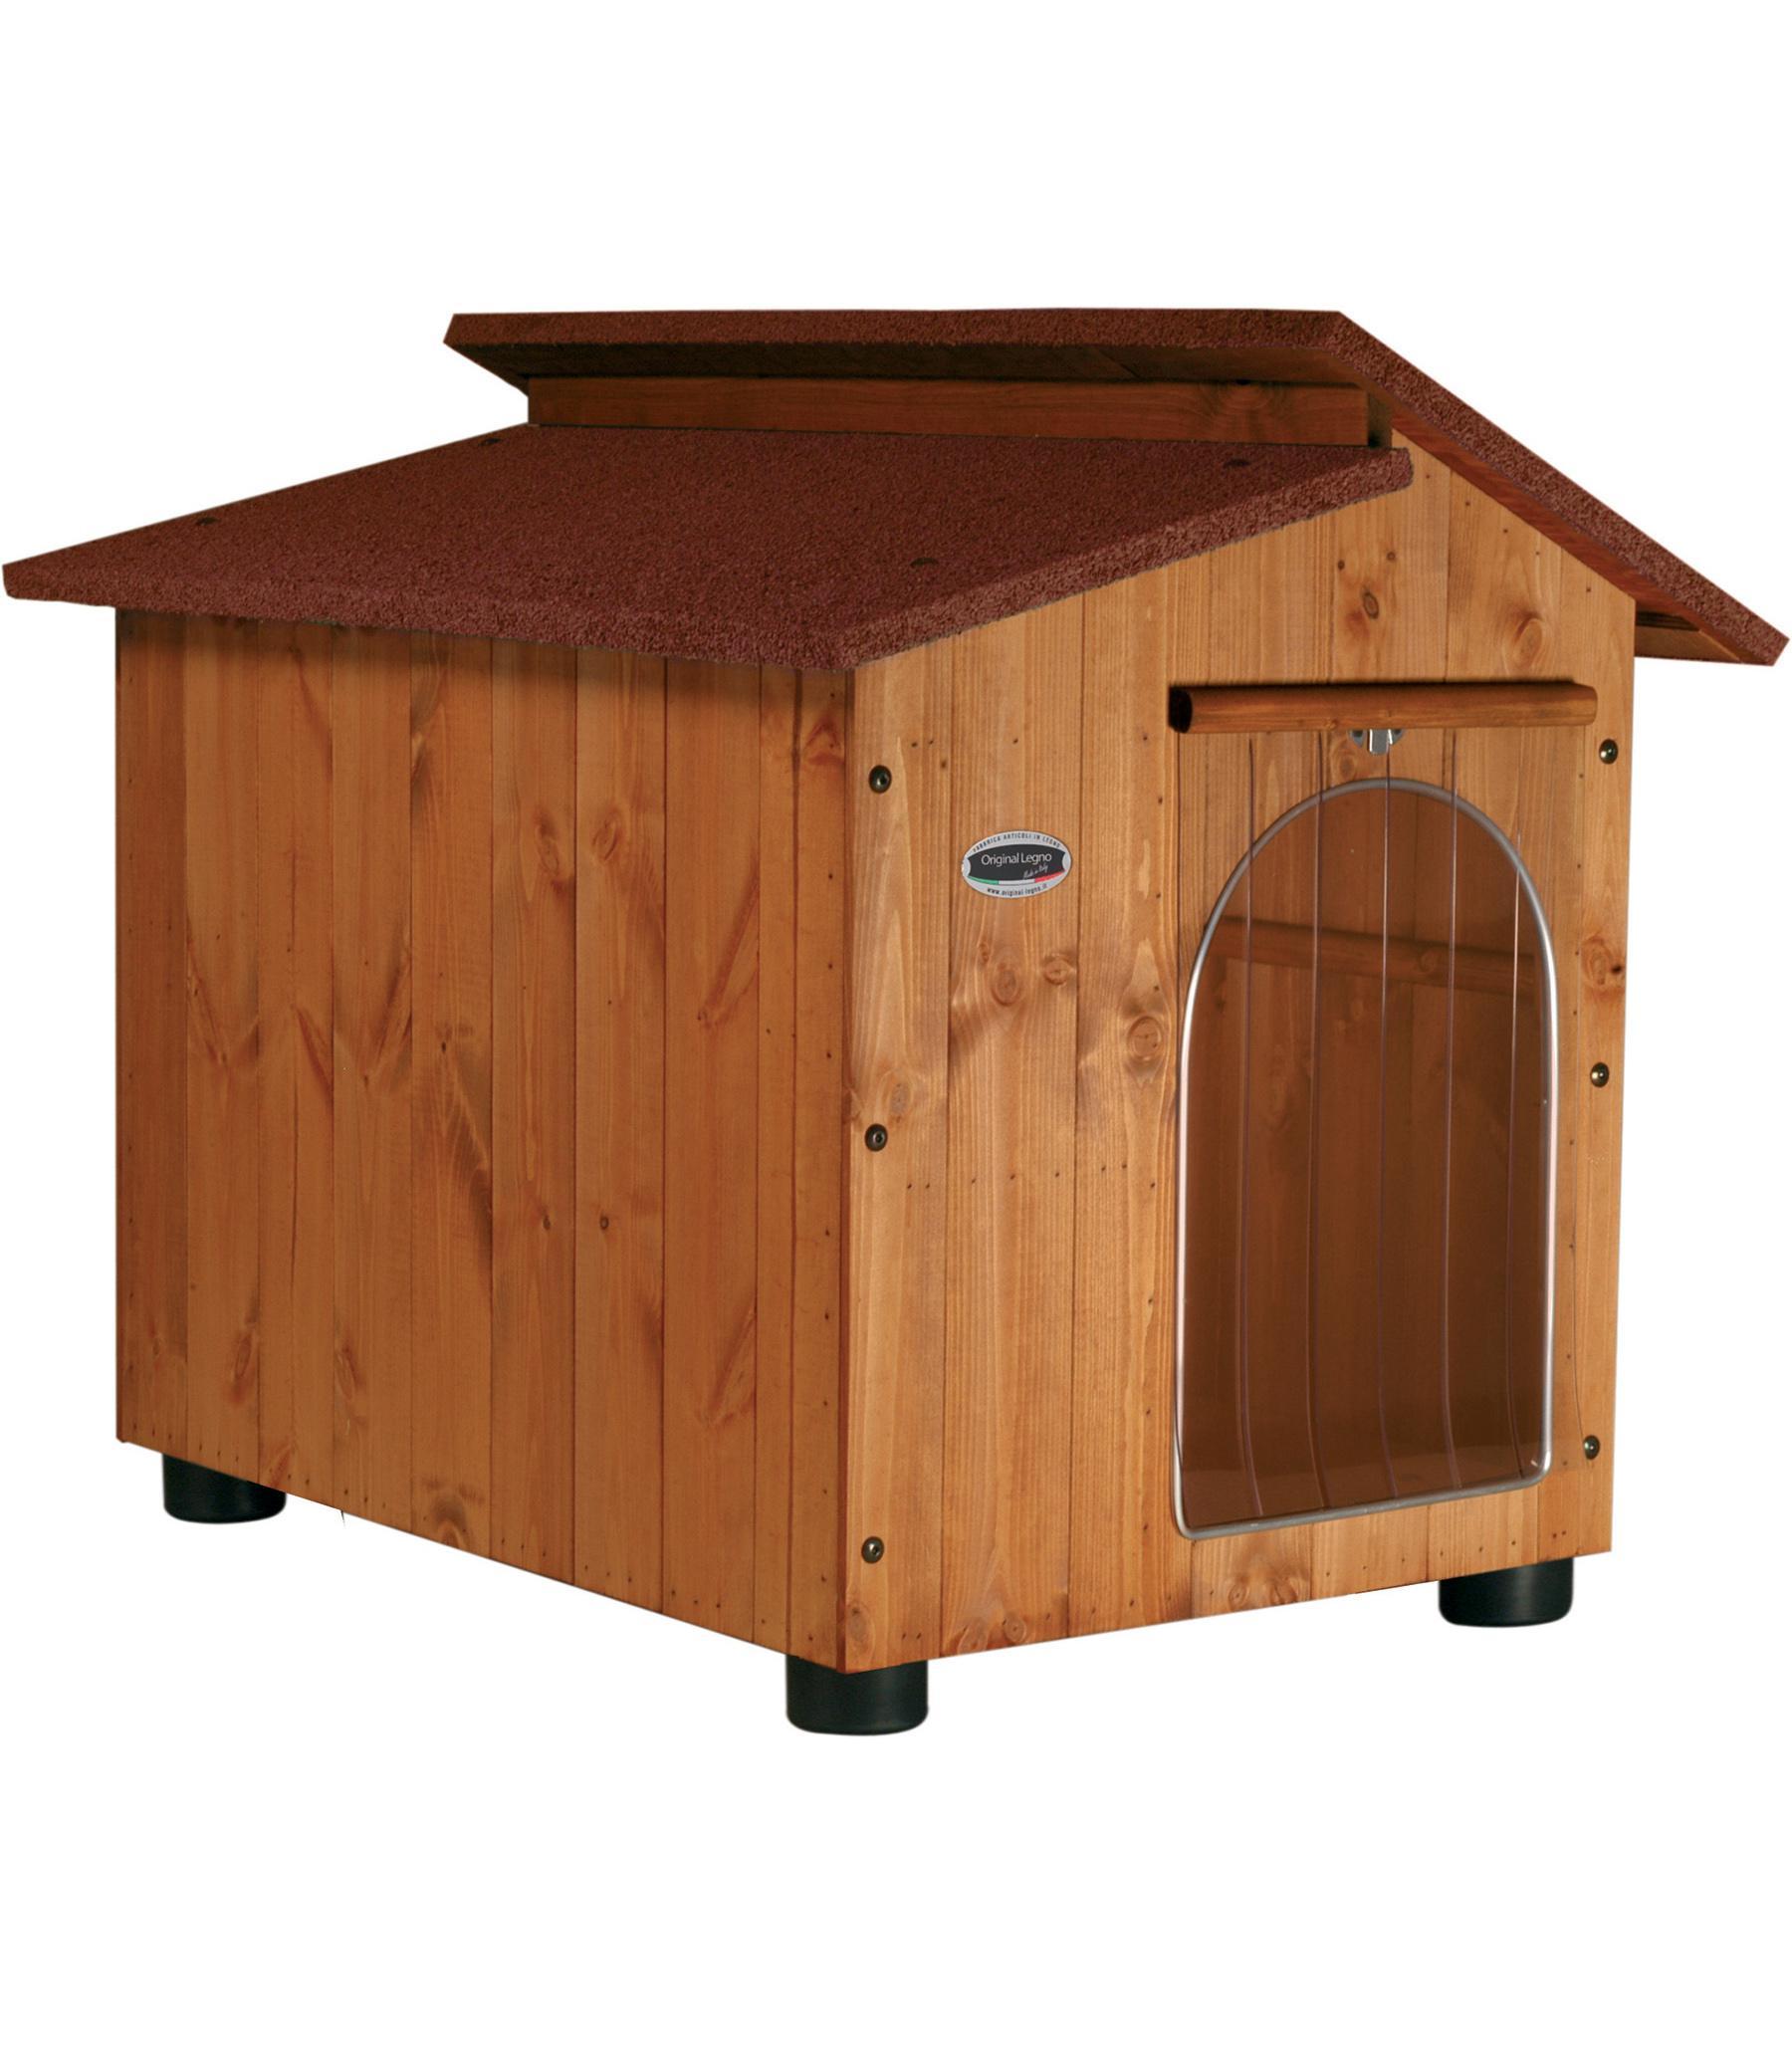 Cuccia in robusto legno spessore 15mm adatta per l'esterno.